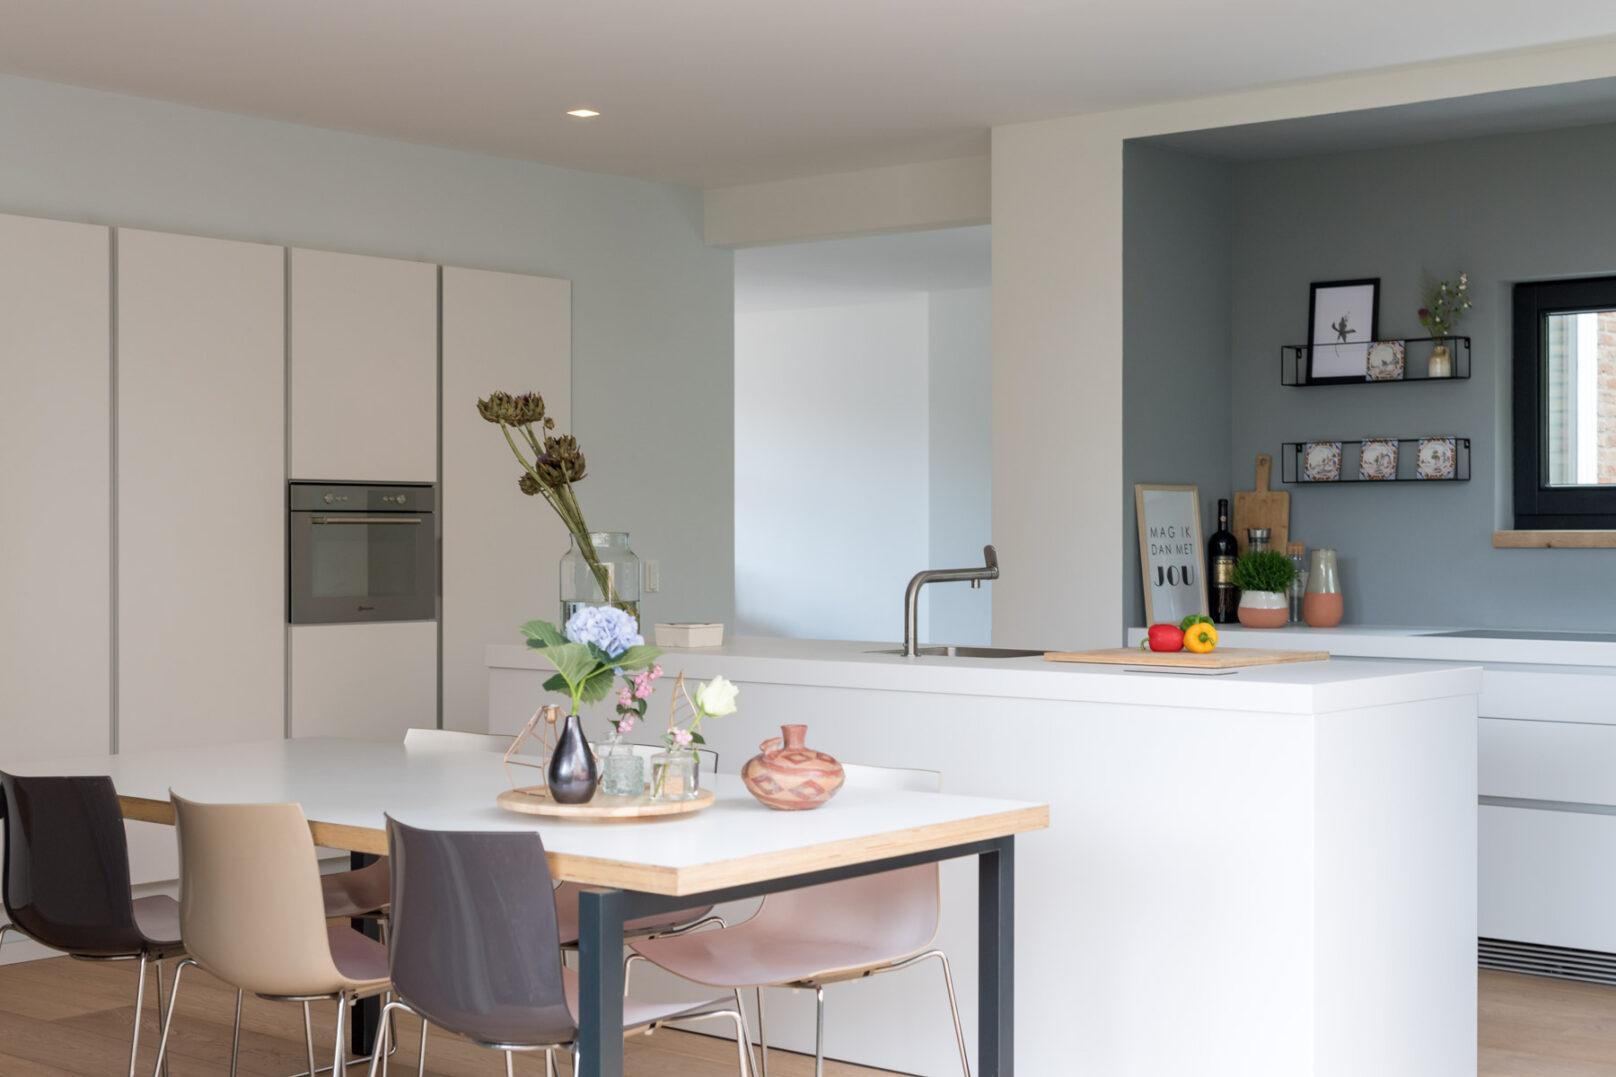 Design Keukens Amersfoort : Keukens amersfoort stadshaege